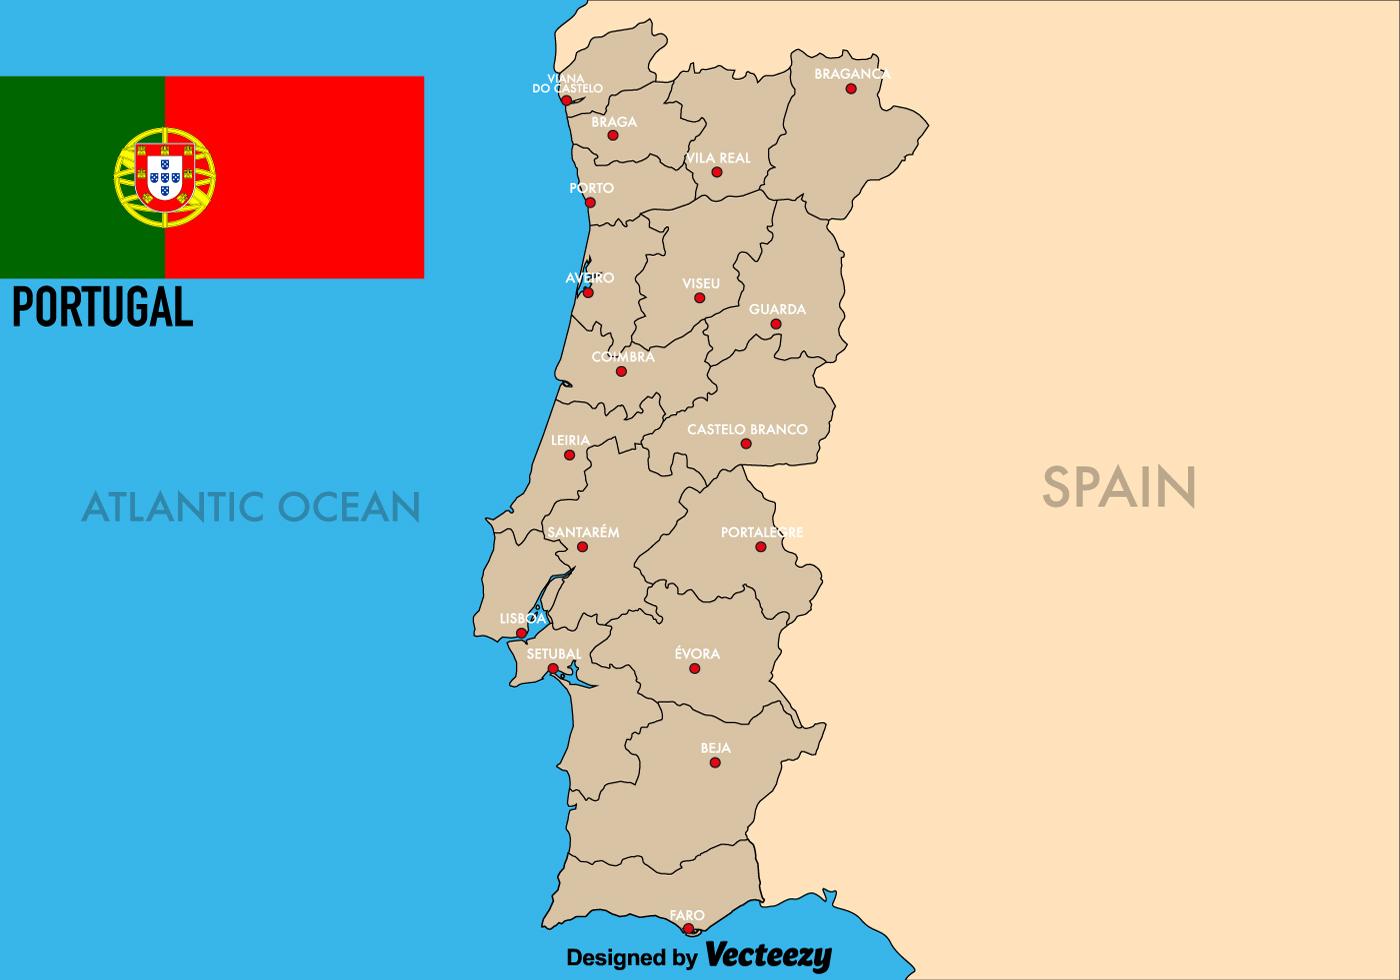 Portogallo Cartina Geografica Politica.Vector Portogallo Mappa Con Le Regioni 155508 Scarica Immagini Vettoriali Gratis Grafica Vettoriale E Disegno Modelli